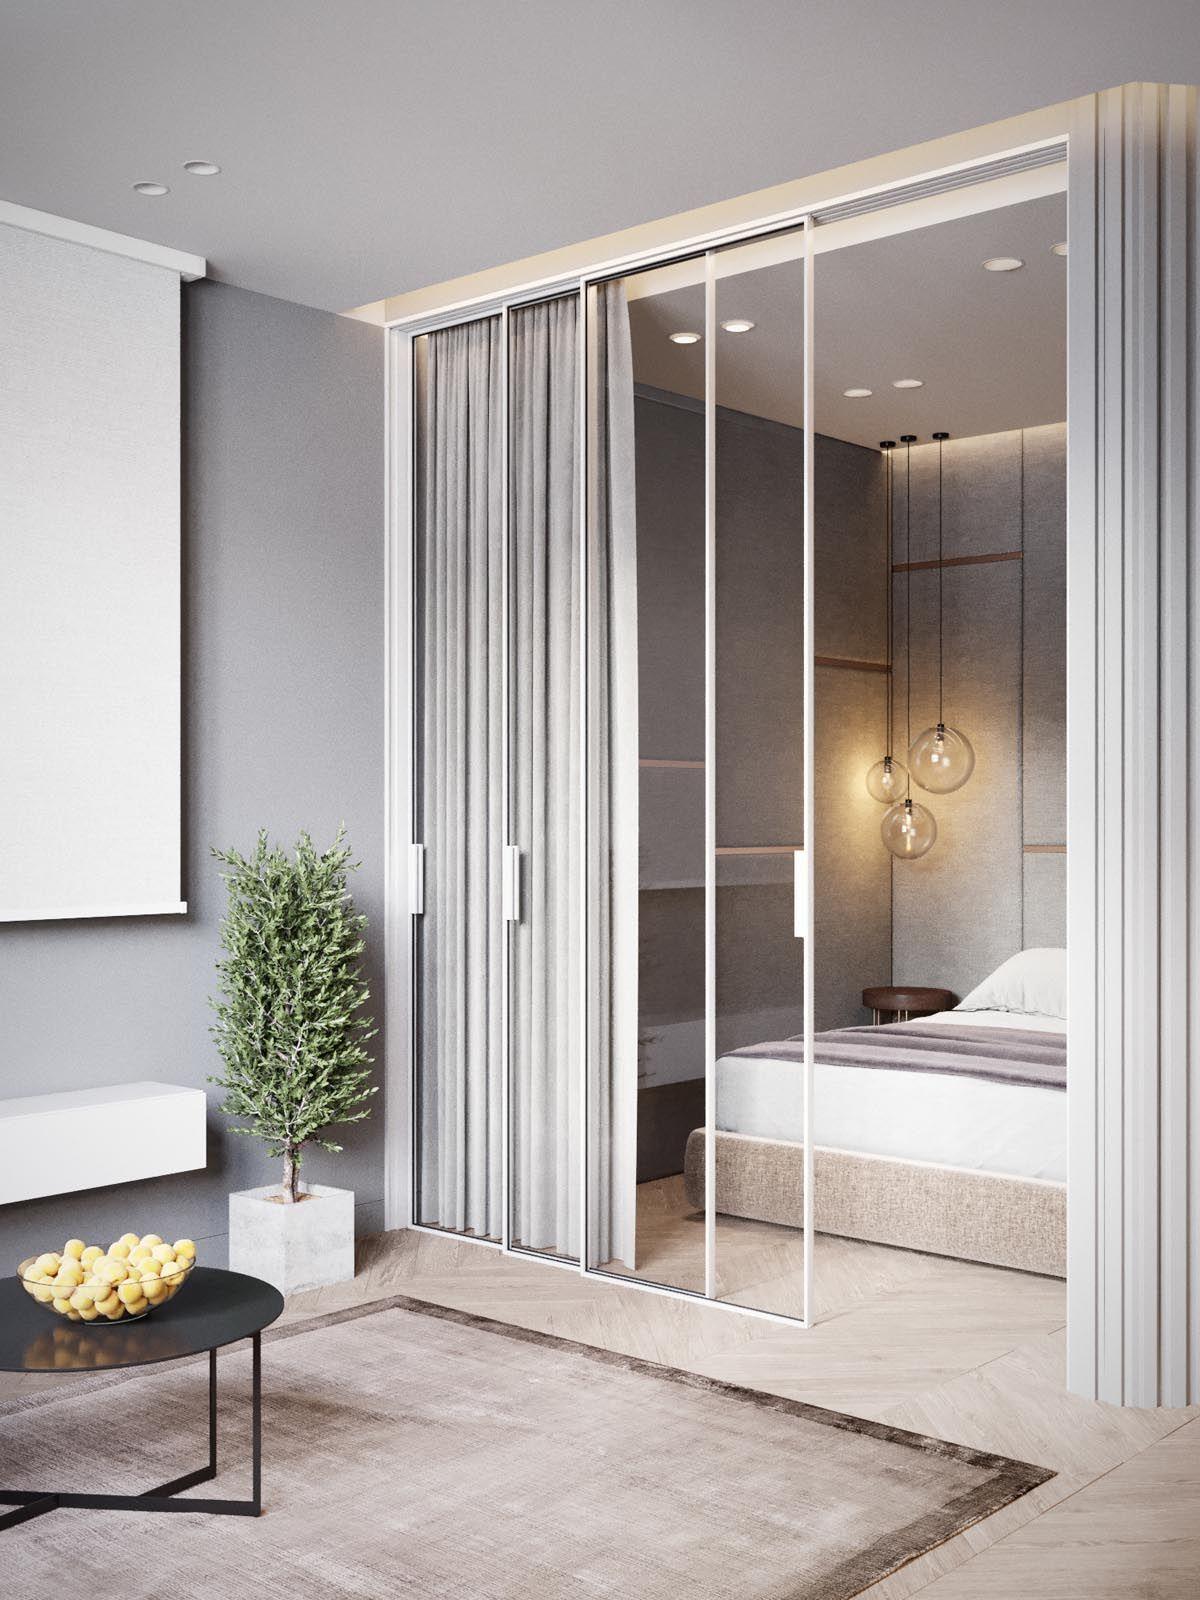 studio apartment, wooden floor, cream bed platform, glass pendants, glass sliding door